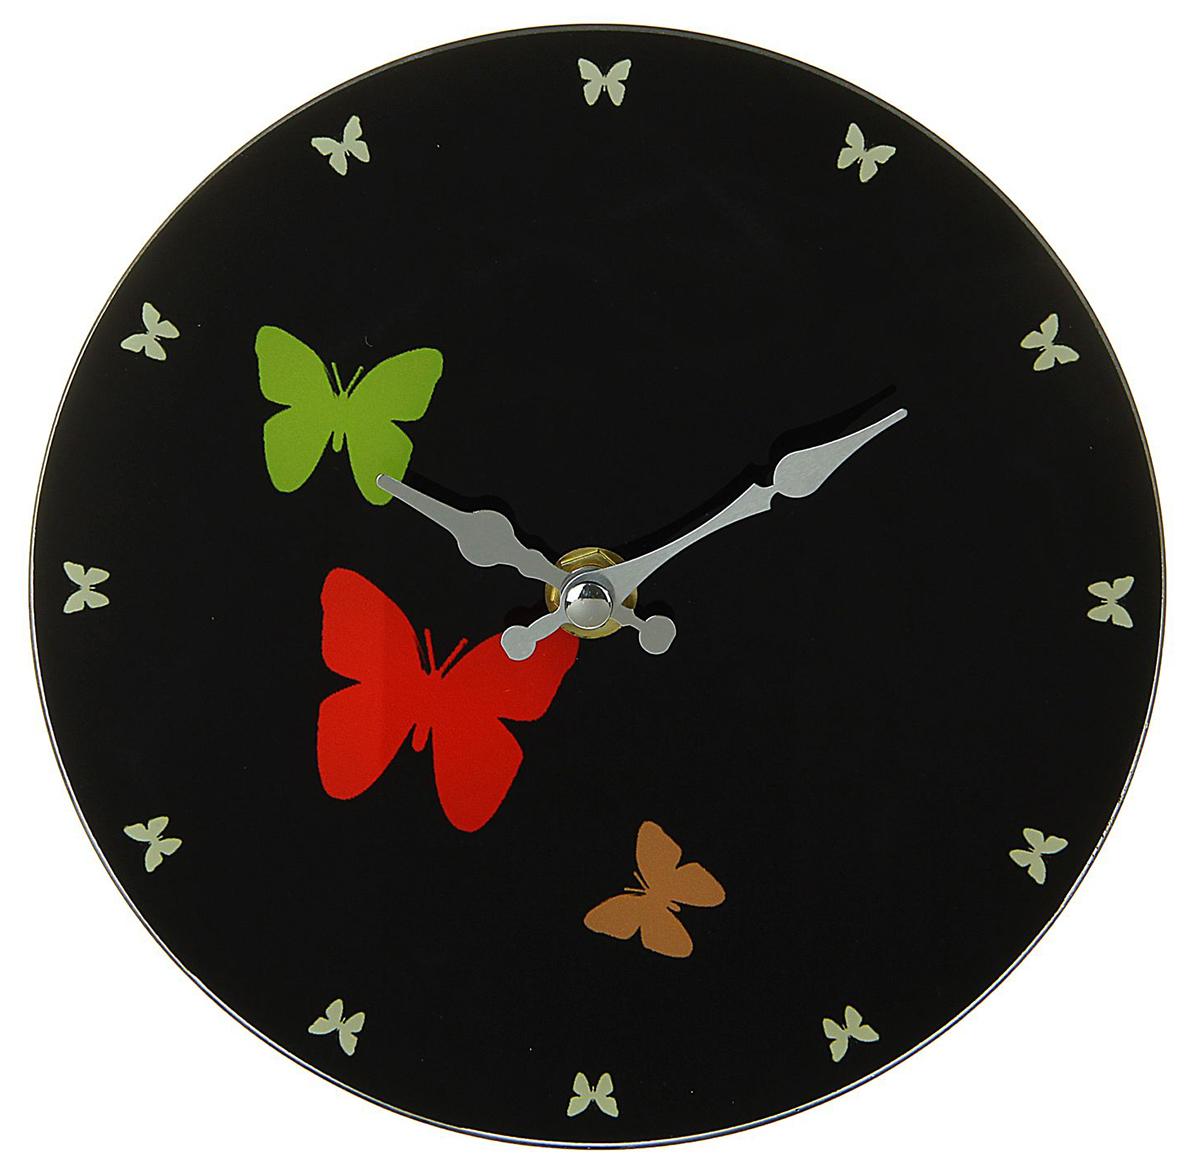 Часы настенные Есения. Бабочки, с подставкой, диаметр 17 см хочу продать свою квартиру которая менее 3х лет и другую какие налоги надо заплатить